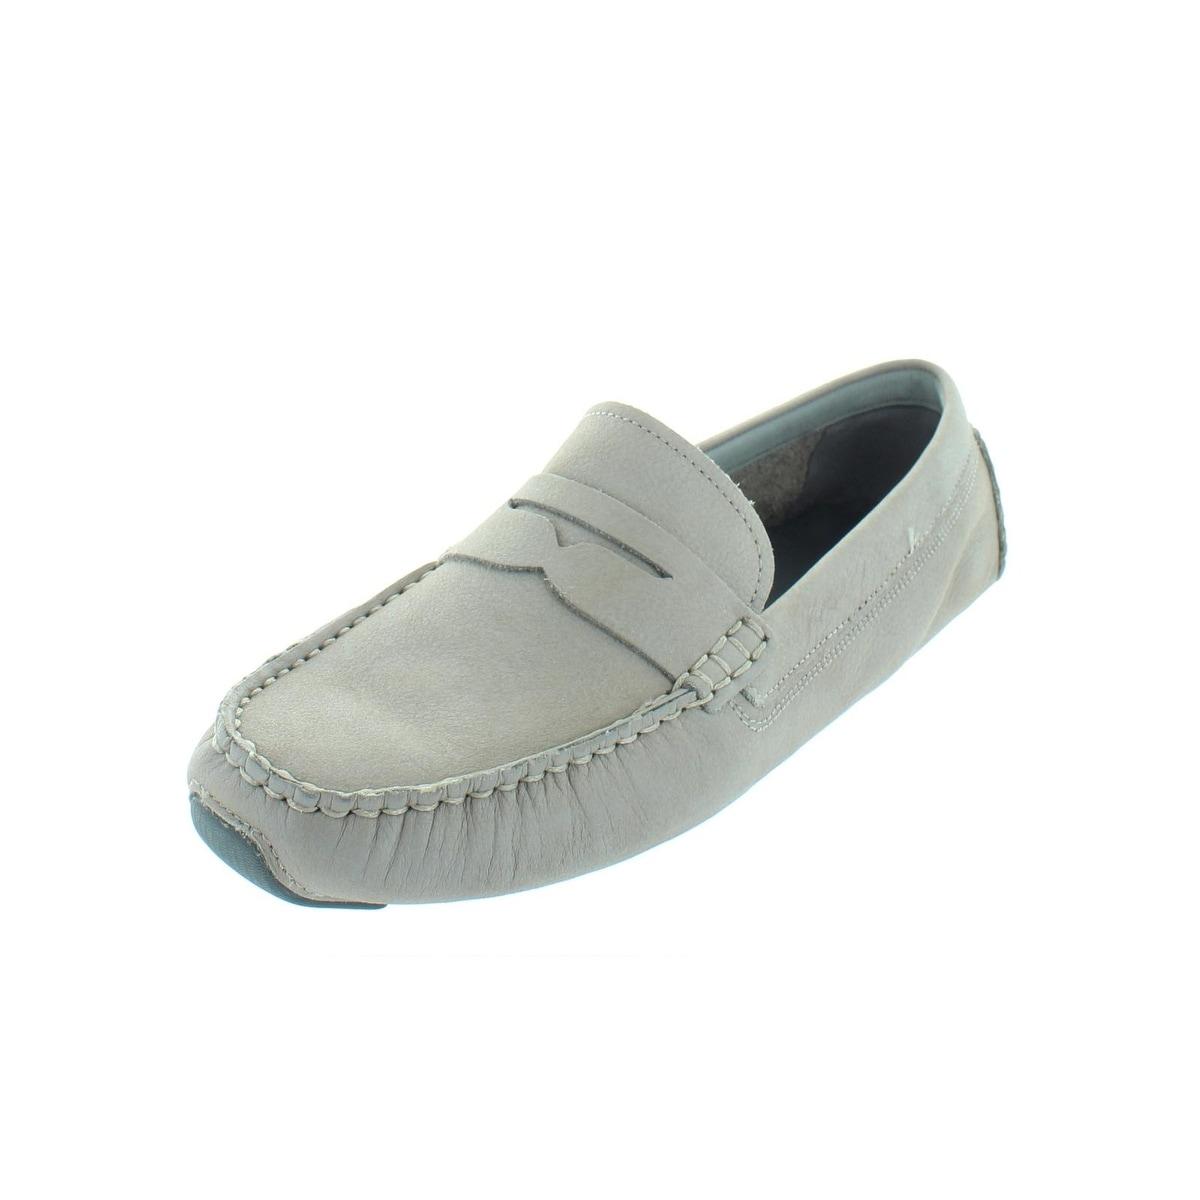 bca52e792af Blue Cole Haan Women s Shoes